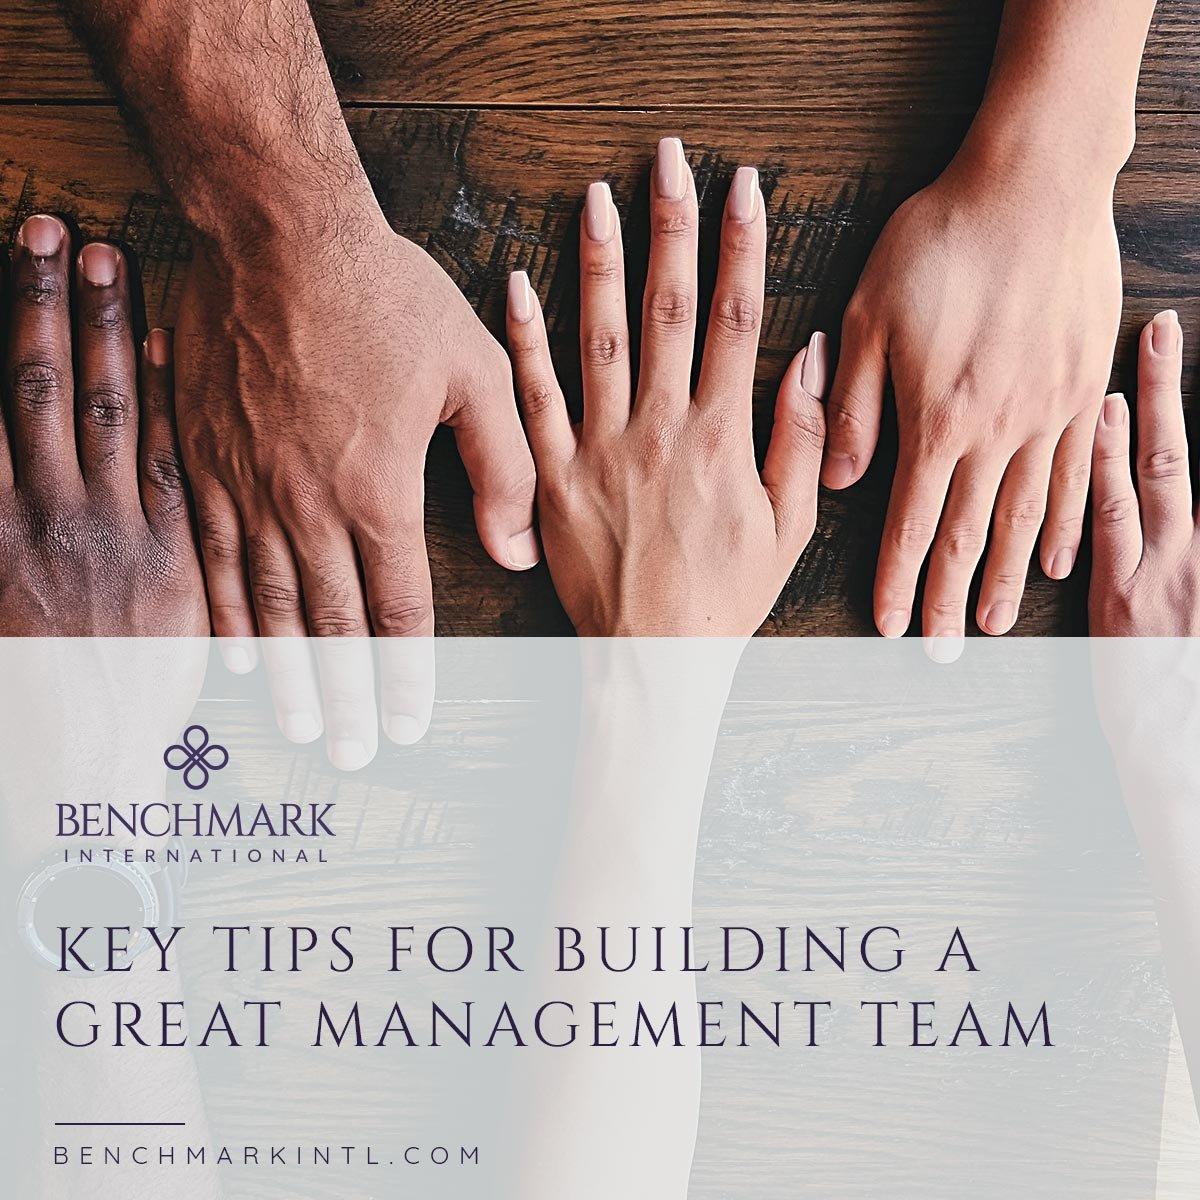 Key_Tips_For_Building_A_Great_Management_Team_Social_v2